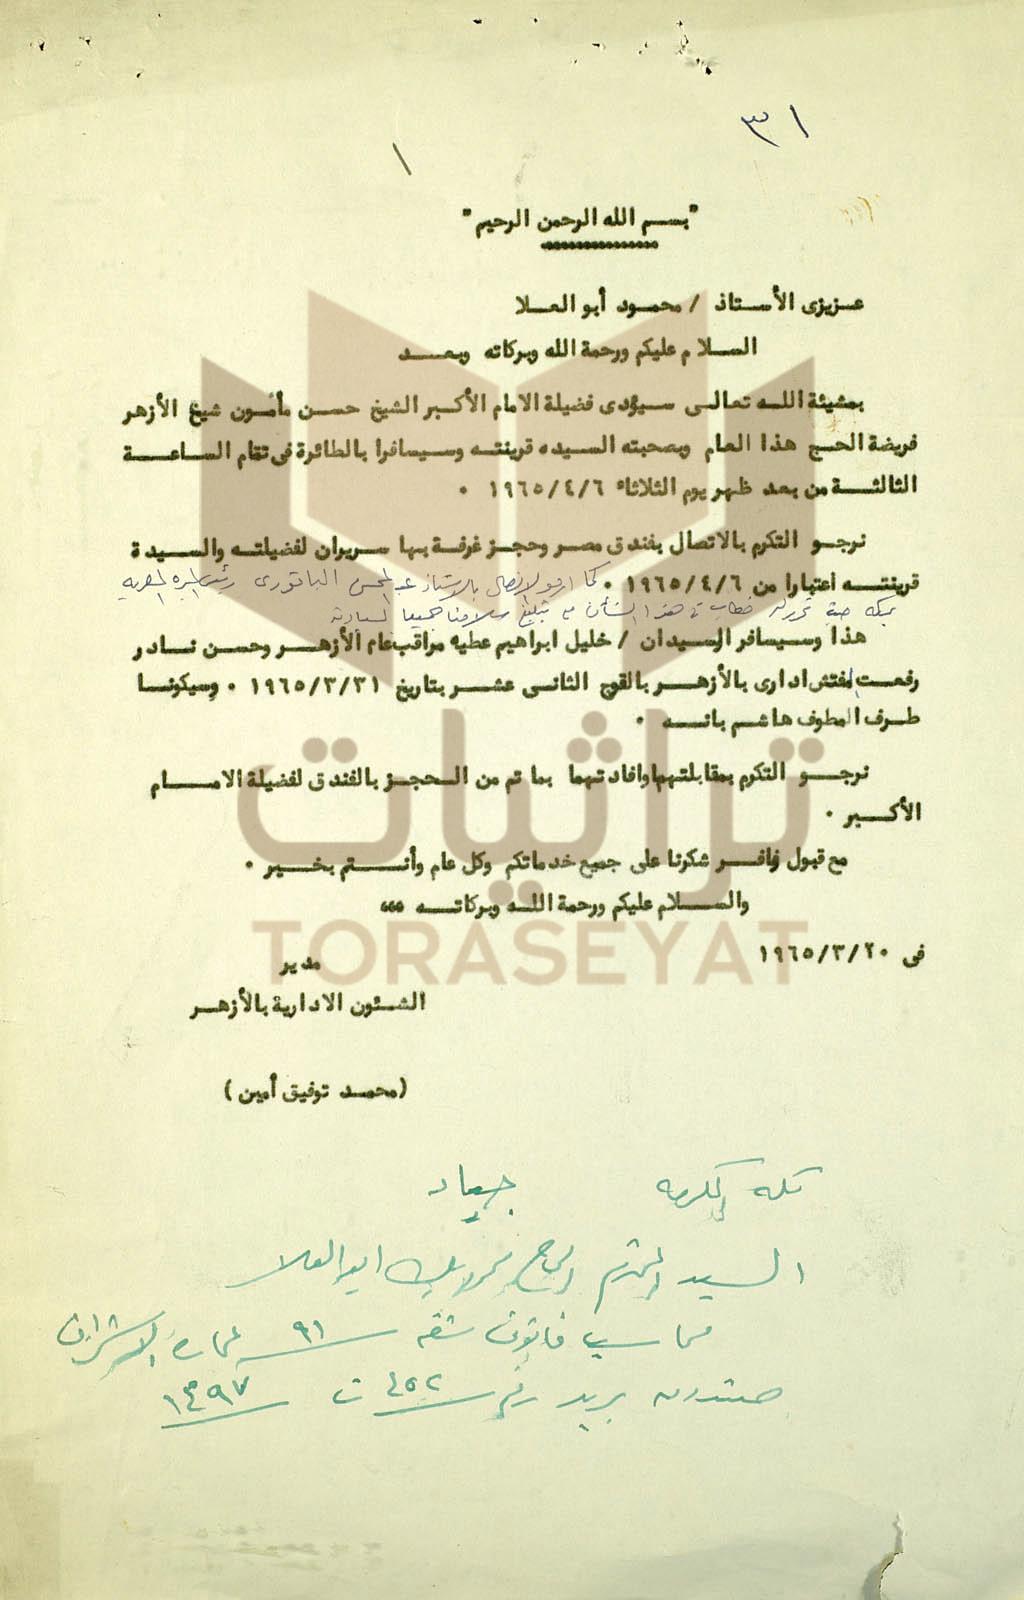 وثيقة المبرة المصرية وحج شيخ الأزهر سنة 1965 م